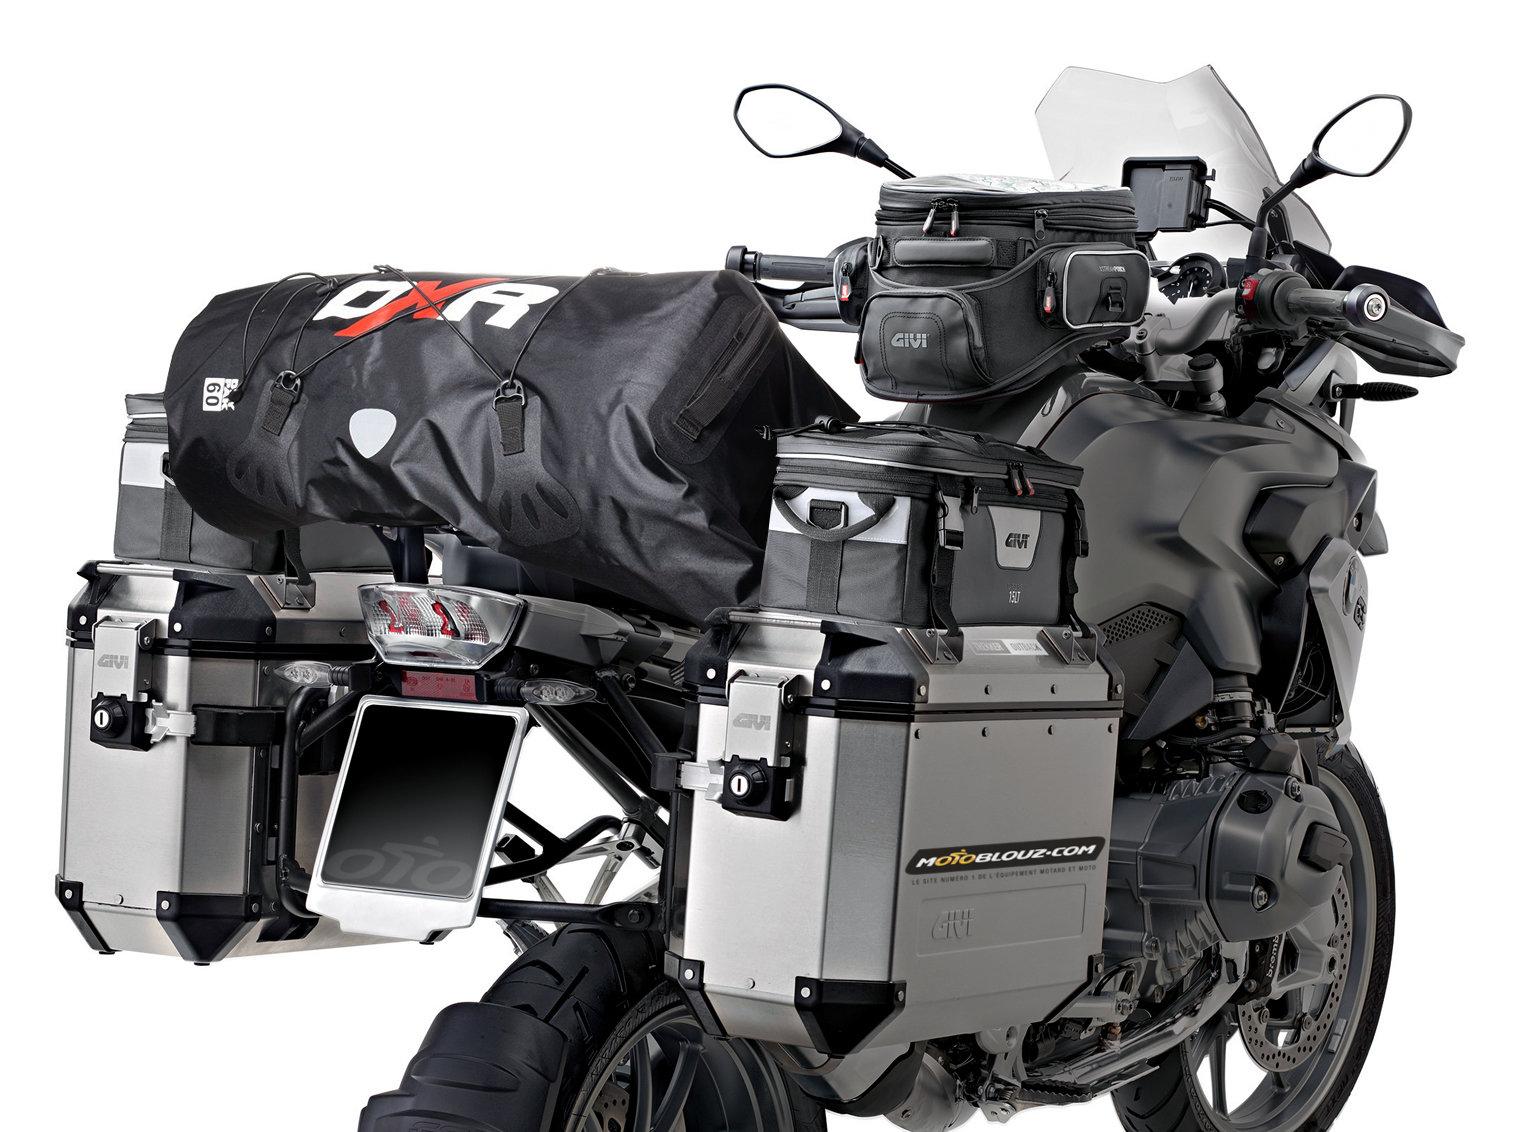 Avec ou sans porte-bagage, une sacoche de selle pourra avantageusement remplacer un top case